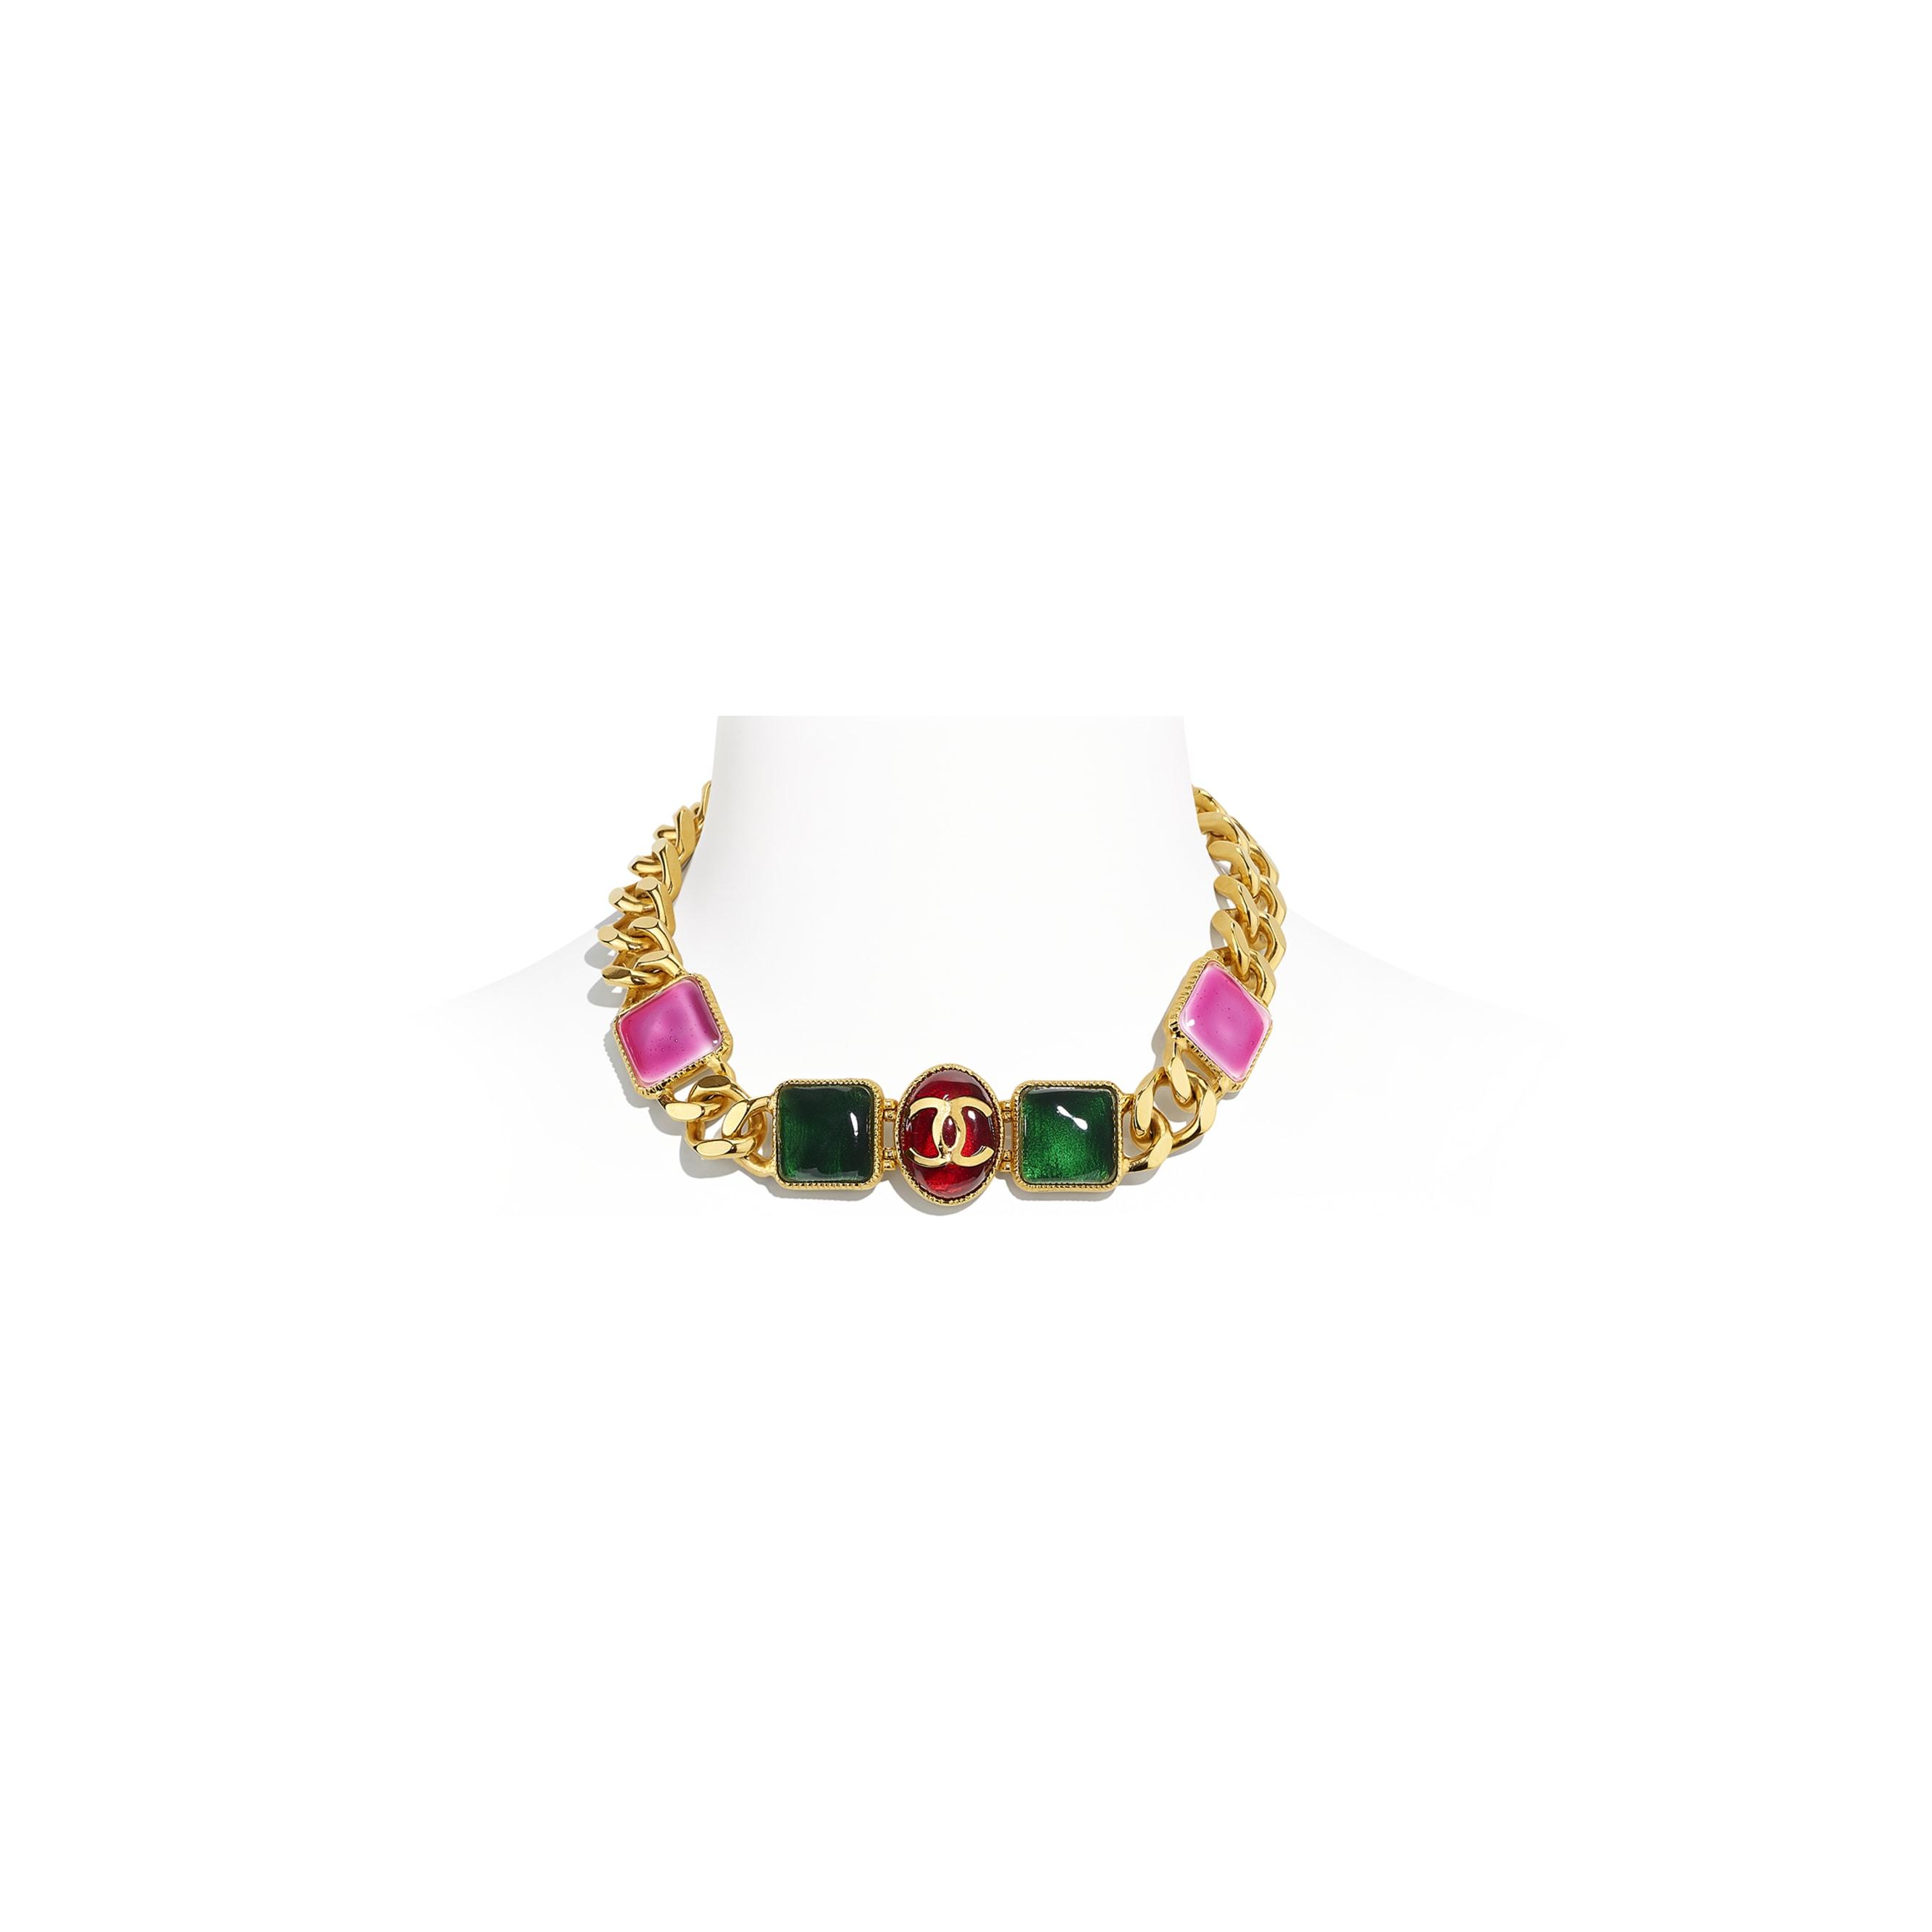 Halskette - Goldfarben, Grün, Bordeaux & Rosa - Metall & Harz - CHANEL - Standardansicht - Standardgröße anzeigen